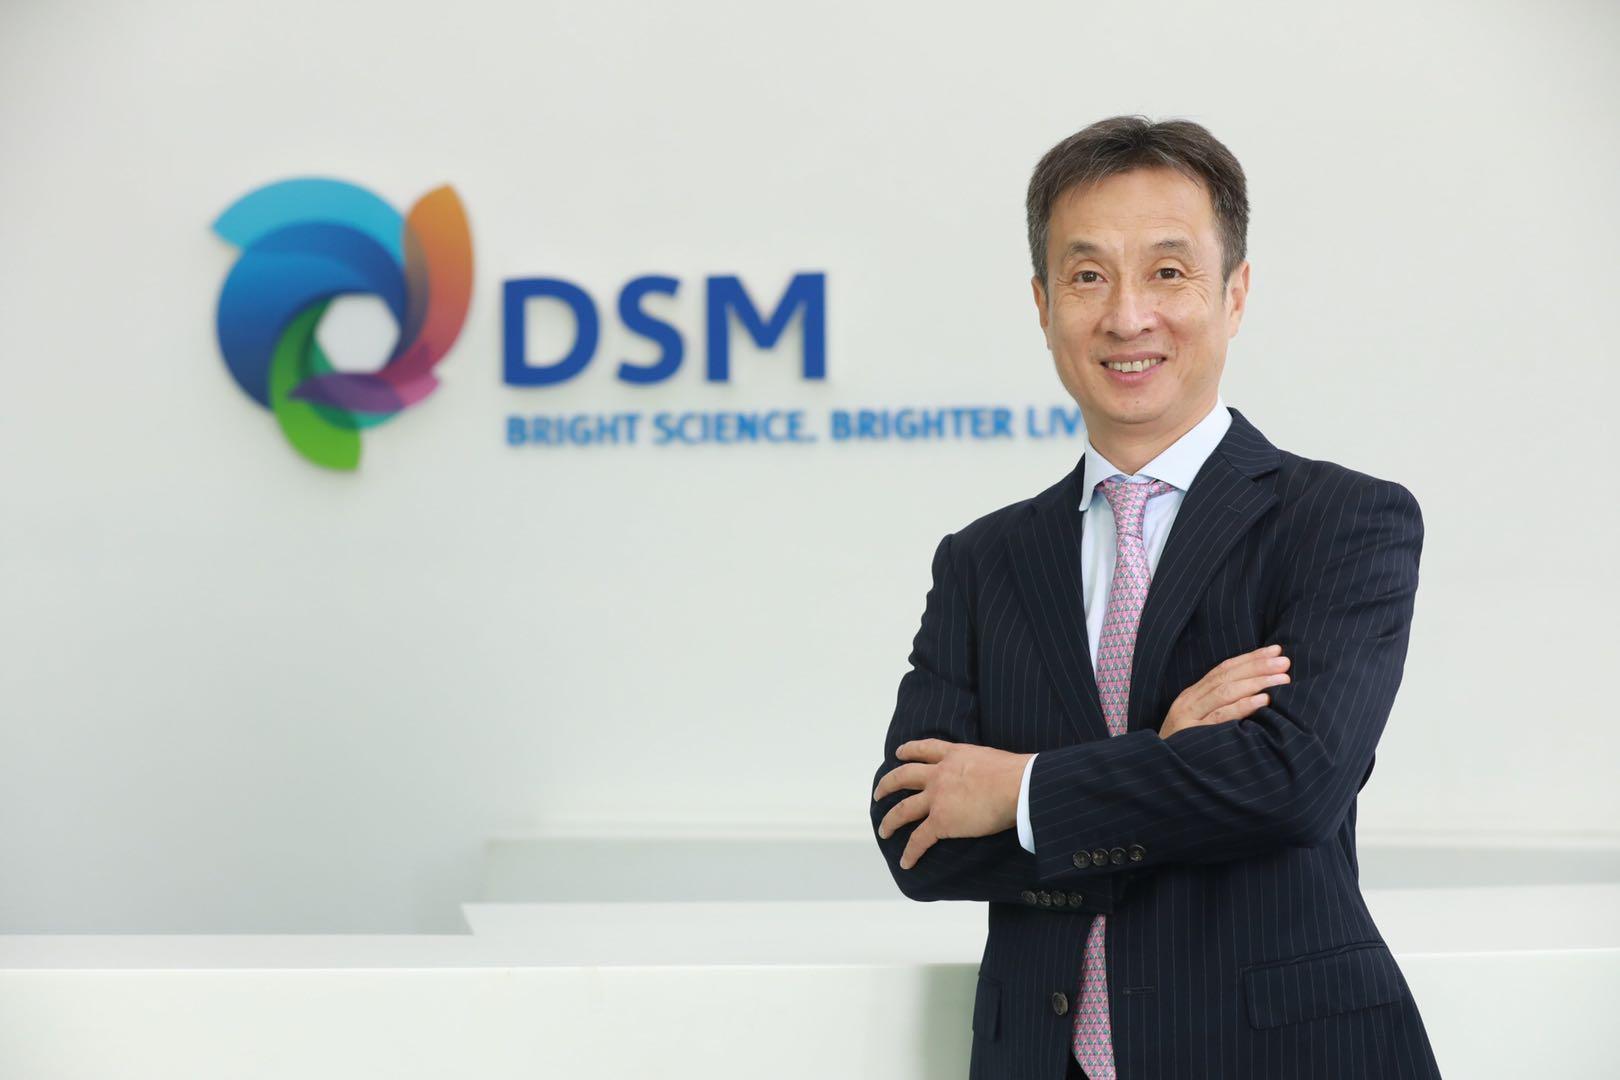 对话|全球重要维生素生产商帝斯曼:用中国创新带动全球市场